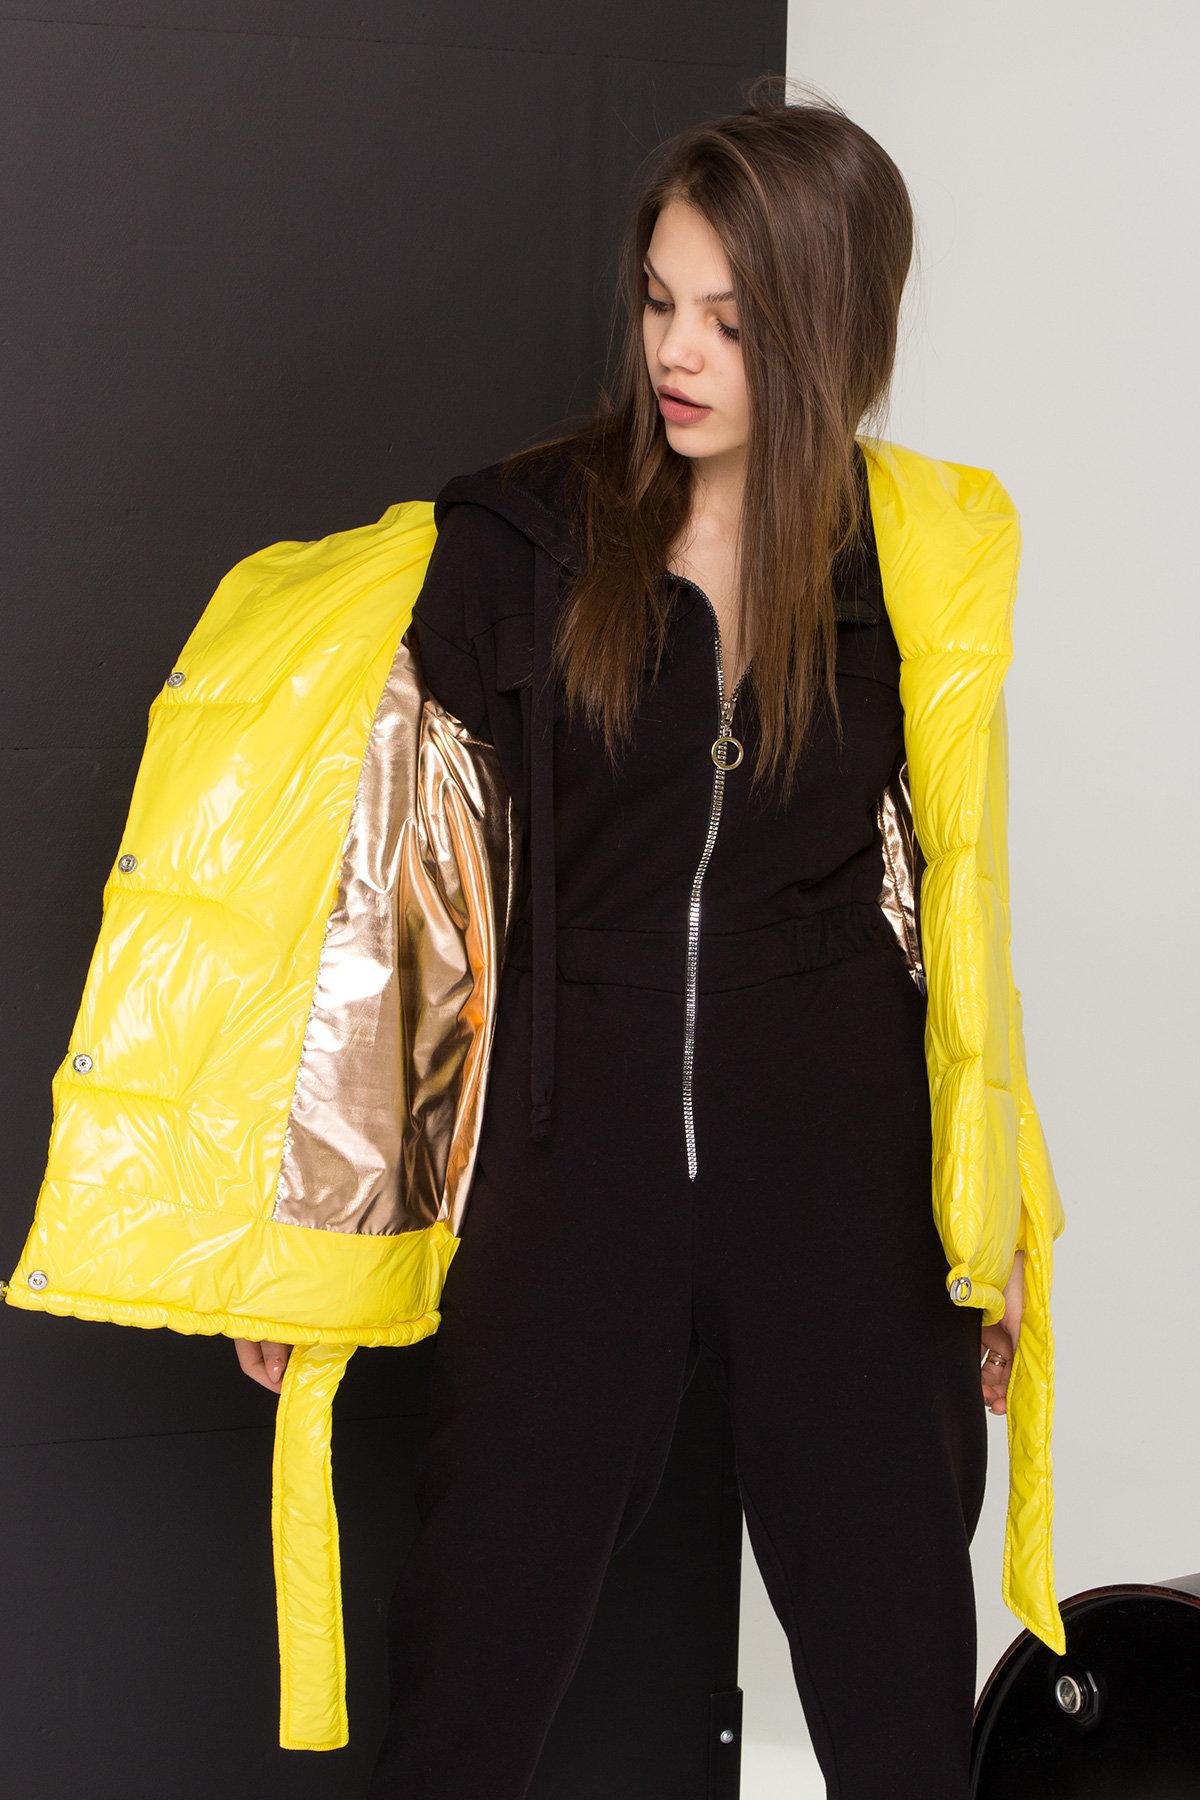 Лаковая куртка пуховик с поясом Бумер 8696 АРТ. 45243 Цвет: т.серый/желтый/черный - фото 3, интернет магазин tm-modus.ru